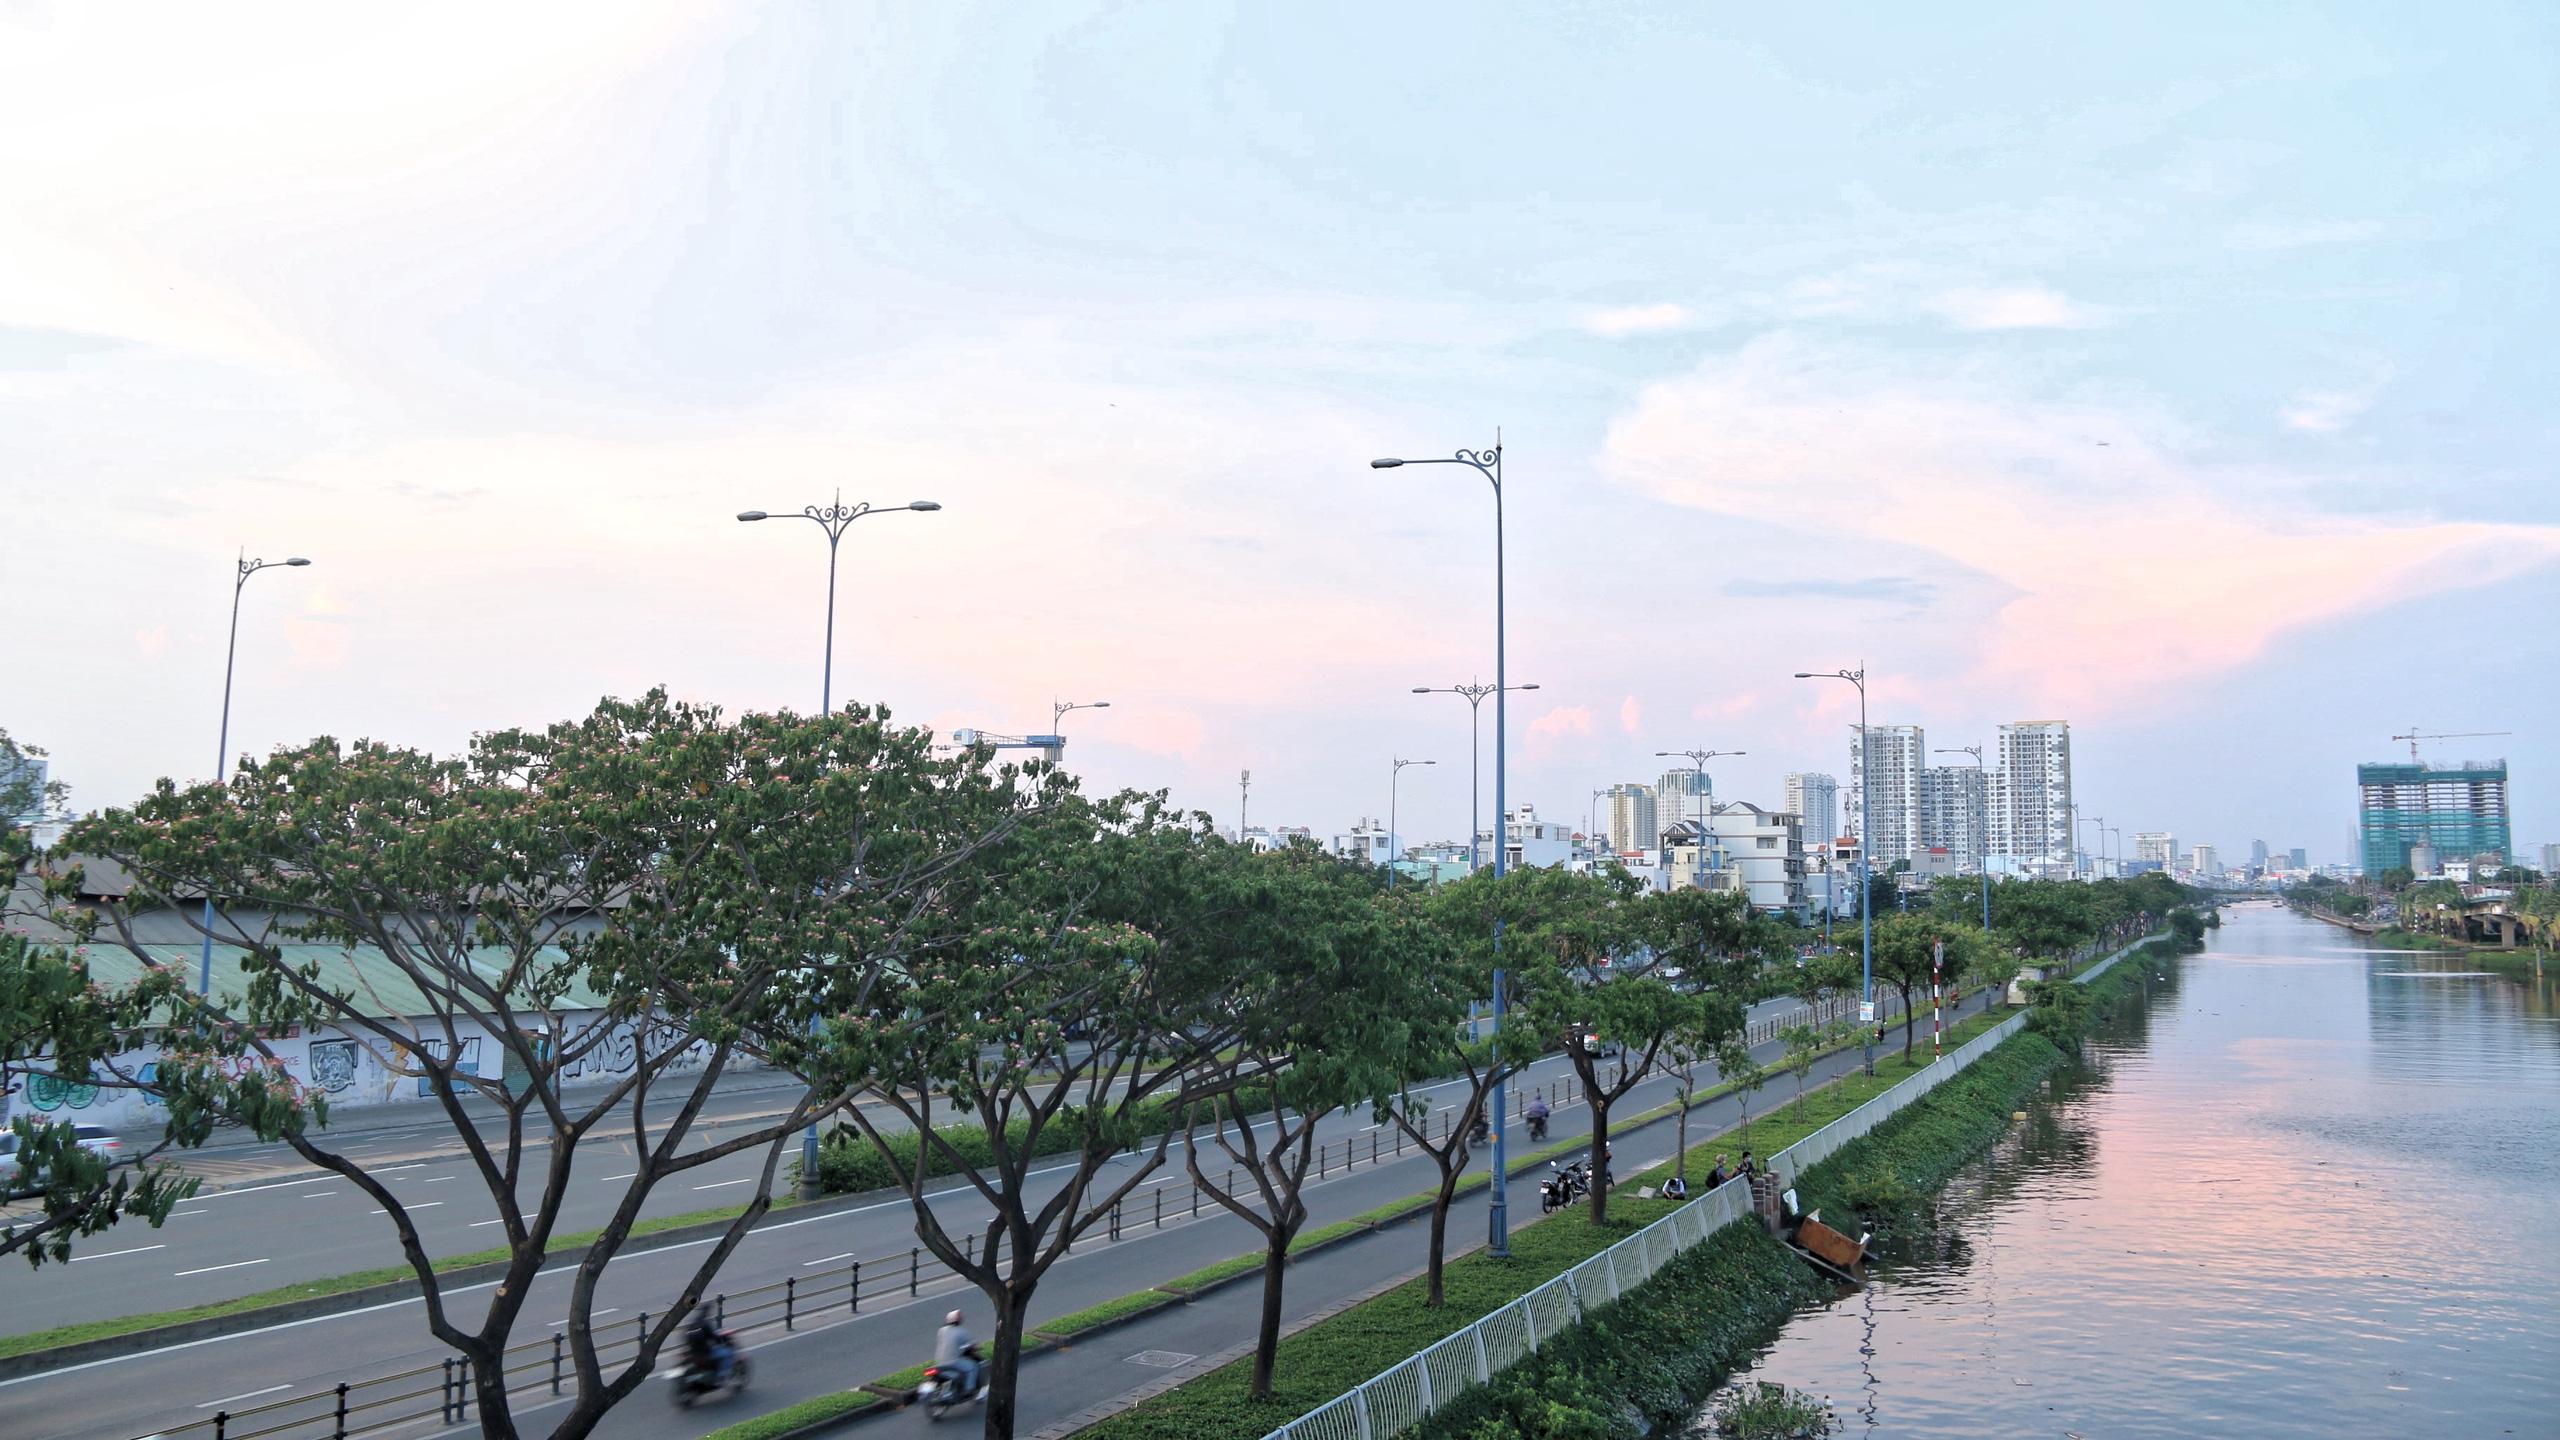 Cận cảnh Đại lộ Đông Tây của TP HCM sau gần một thập kỷ - Ảnh 6.